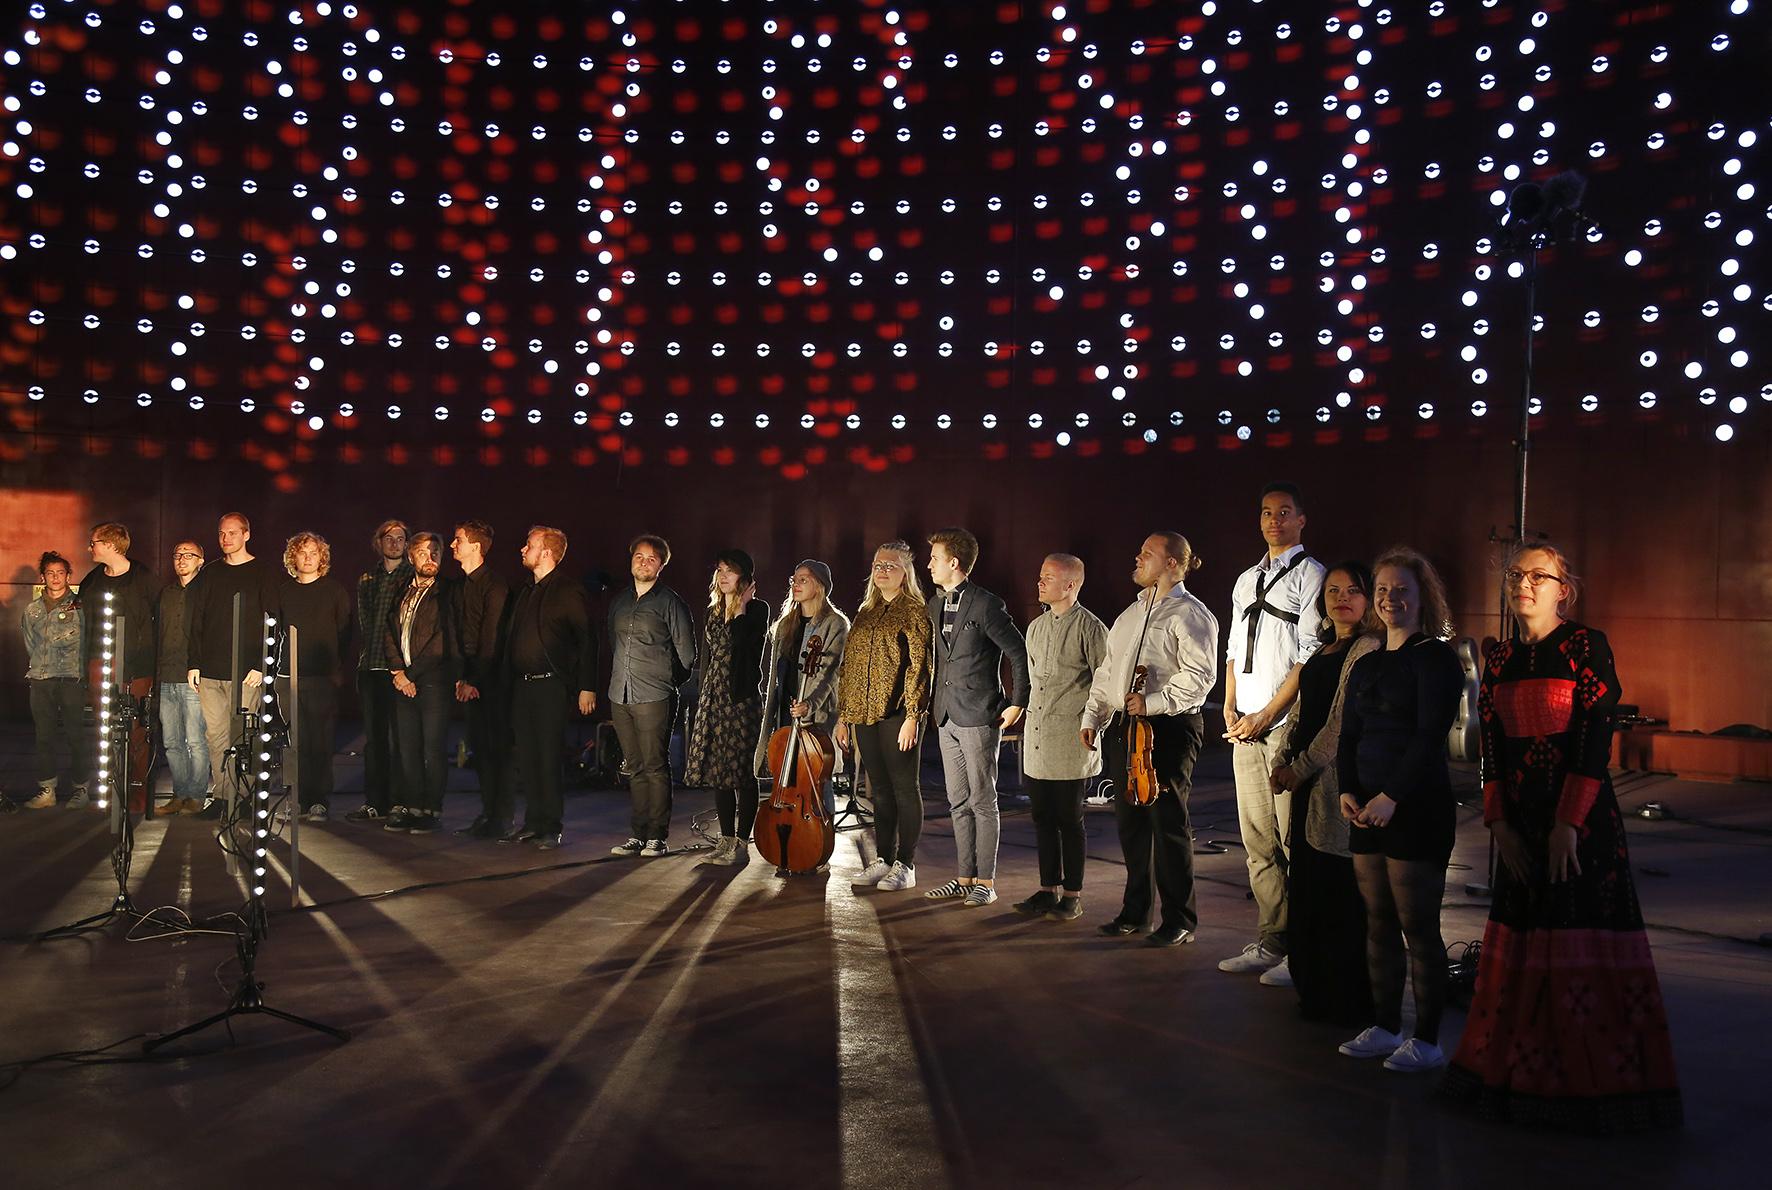 Eloan taiteilijoita vuoden 2016 Hipstercredo-konsertin kiitoksissa Säiliö 468:ssa.